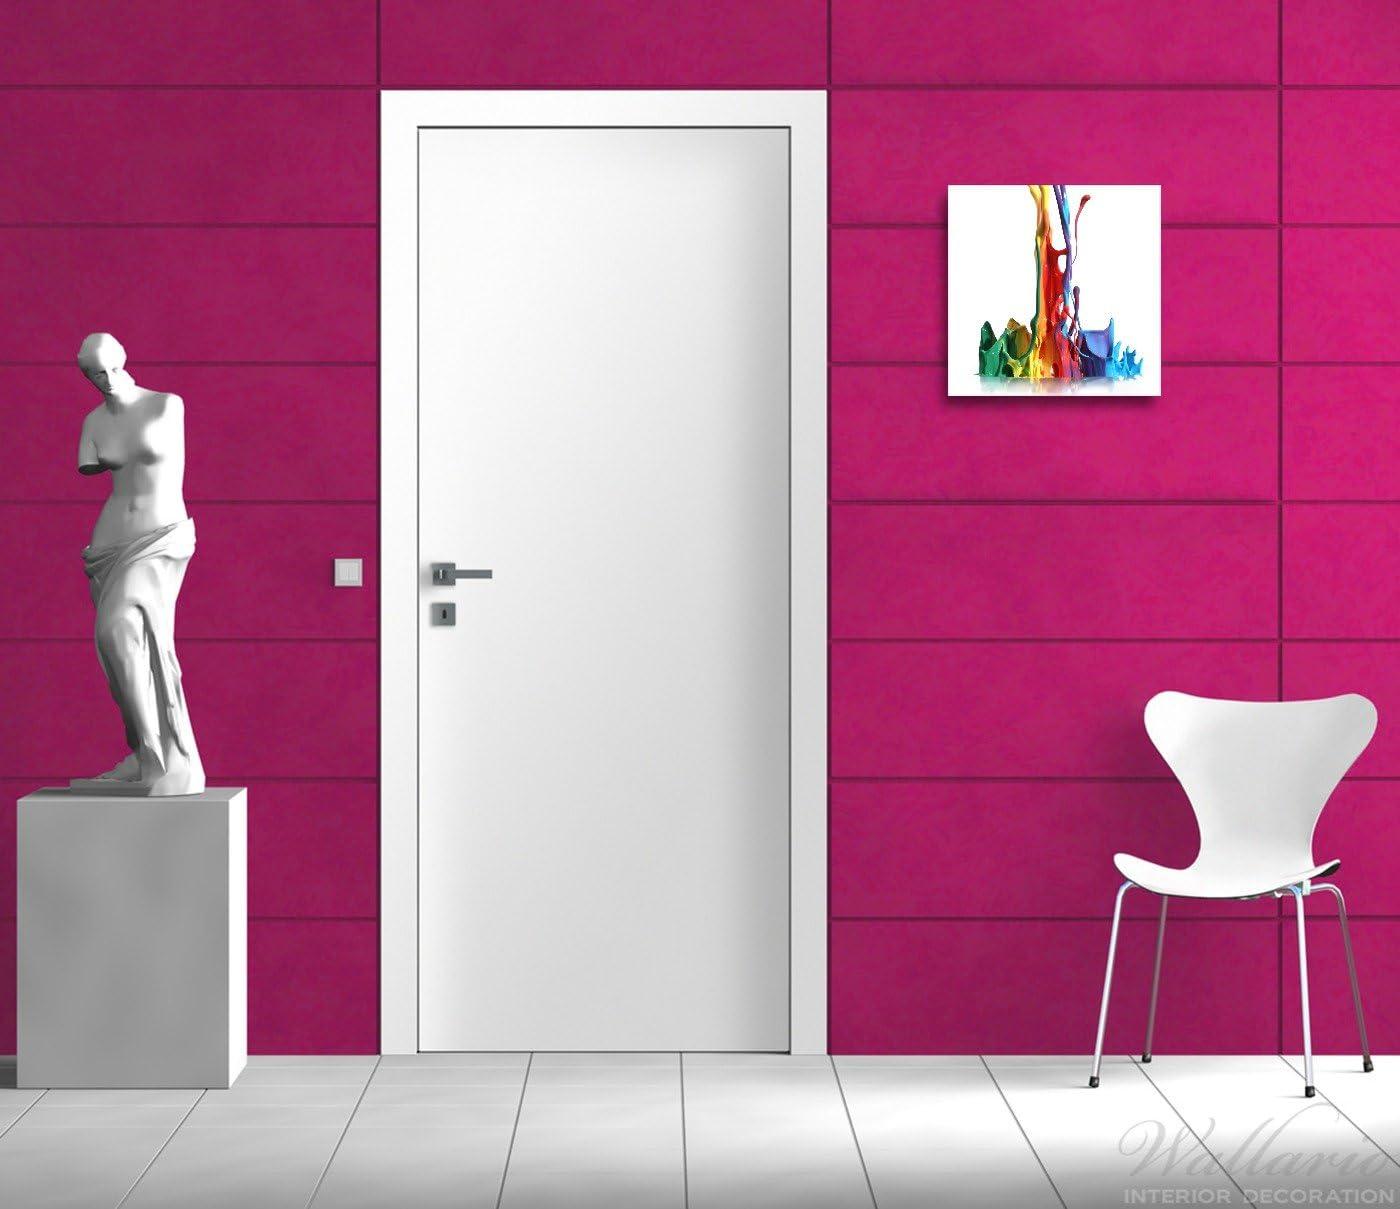 freischwebende Optik Wallario 2er Set Acrylglasbild Farbklecks von Links Bunte Farben auf Abwegen 2 x 50 x 50 cm in Premium-Qualit/ät: Brillante Farben